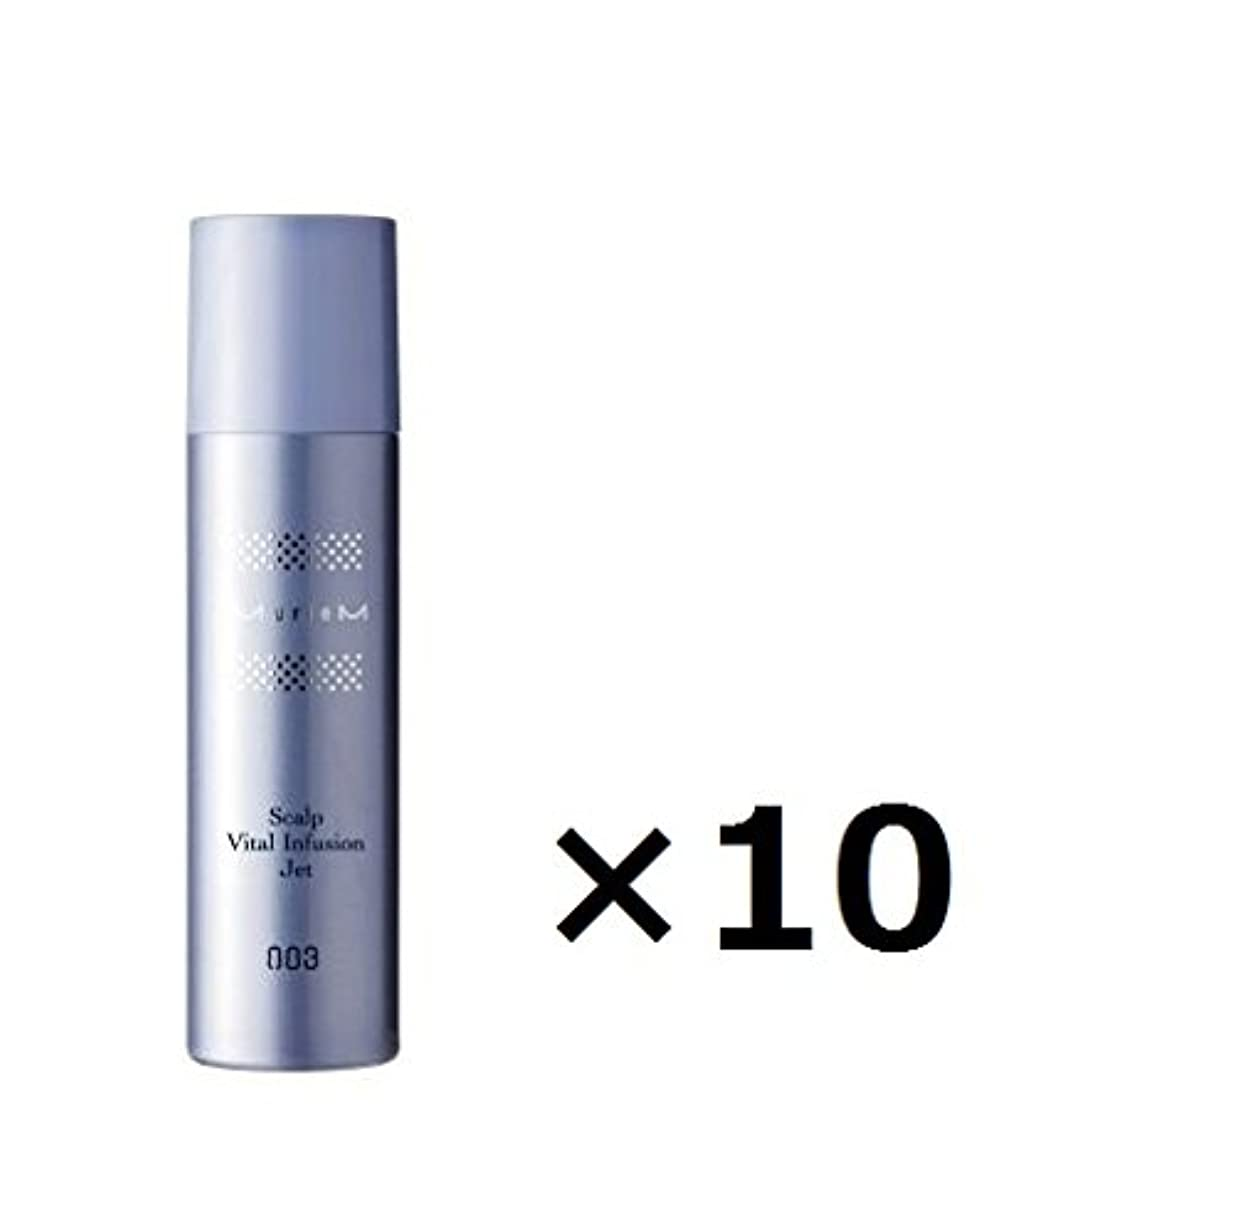 煙突ディレクトリ討論【10本セット】ナンバースリー ミュリアム 薬用スカルプバイタル インフュージョンジェット 160g